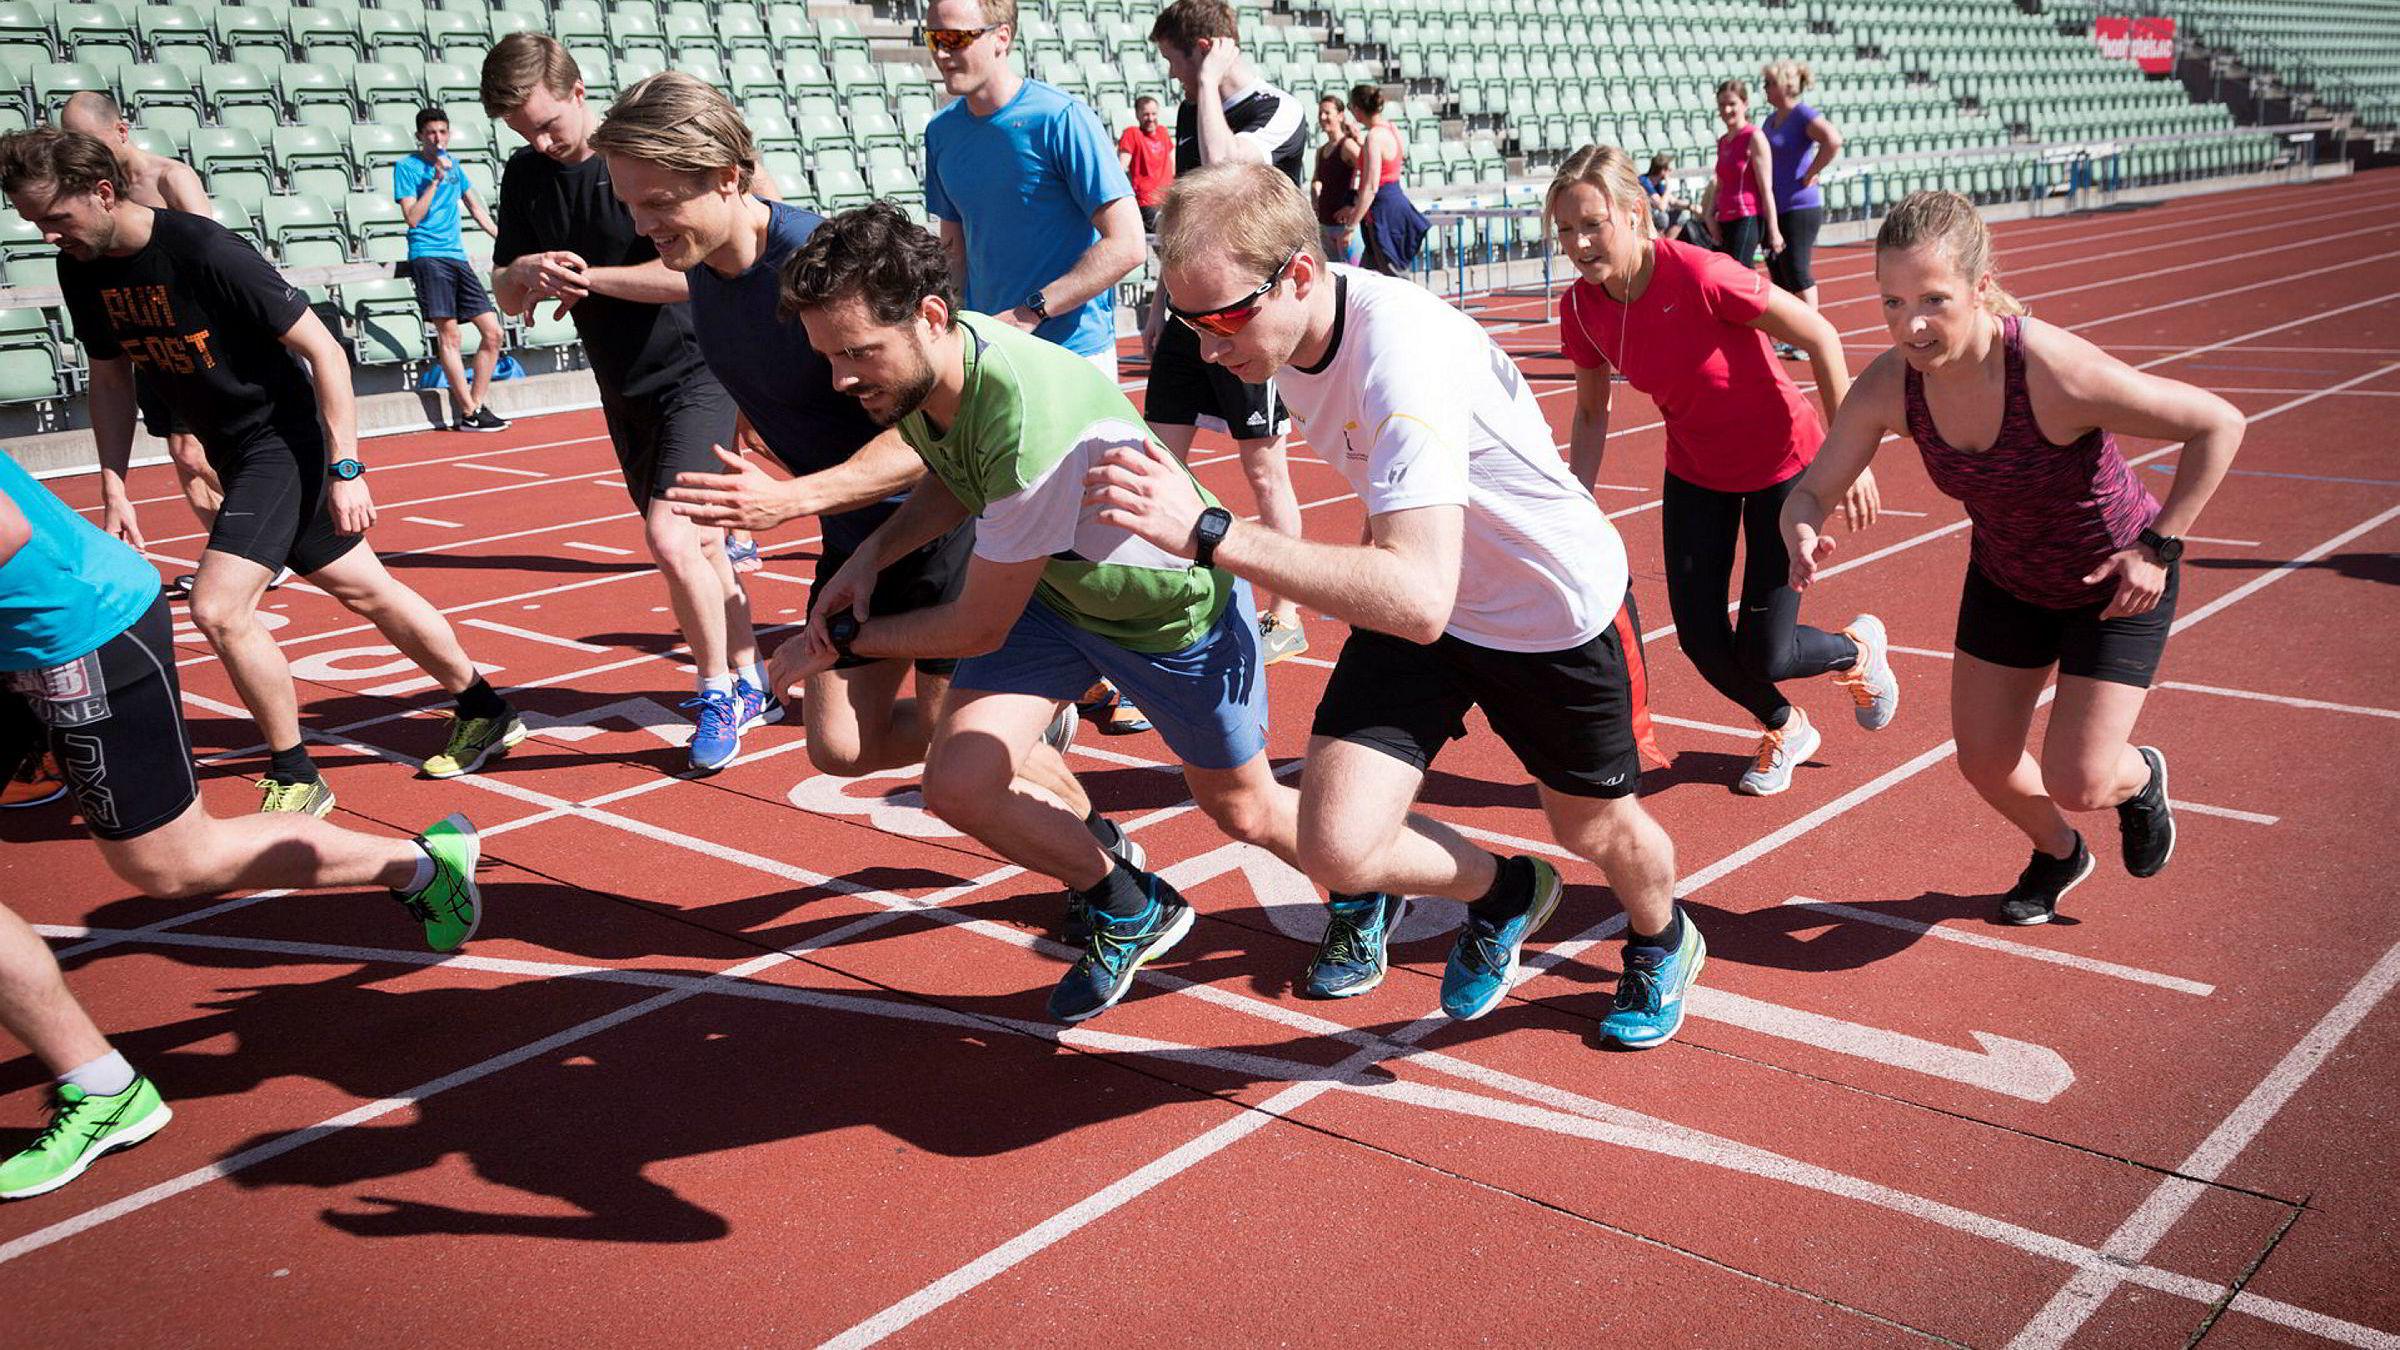 Justin Burke (i grønn t-skjorte), Oscar Wilhelm Erichsen (i hvit t-skjorte) og Kaja Stabursvik (i lilla singlet) gir alt fra start under Ernst & Youngs intervalltrening på Bislett.